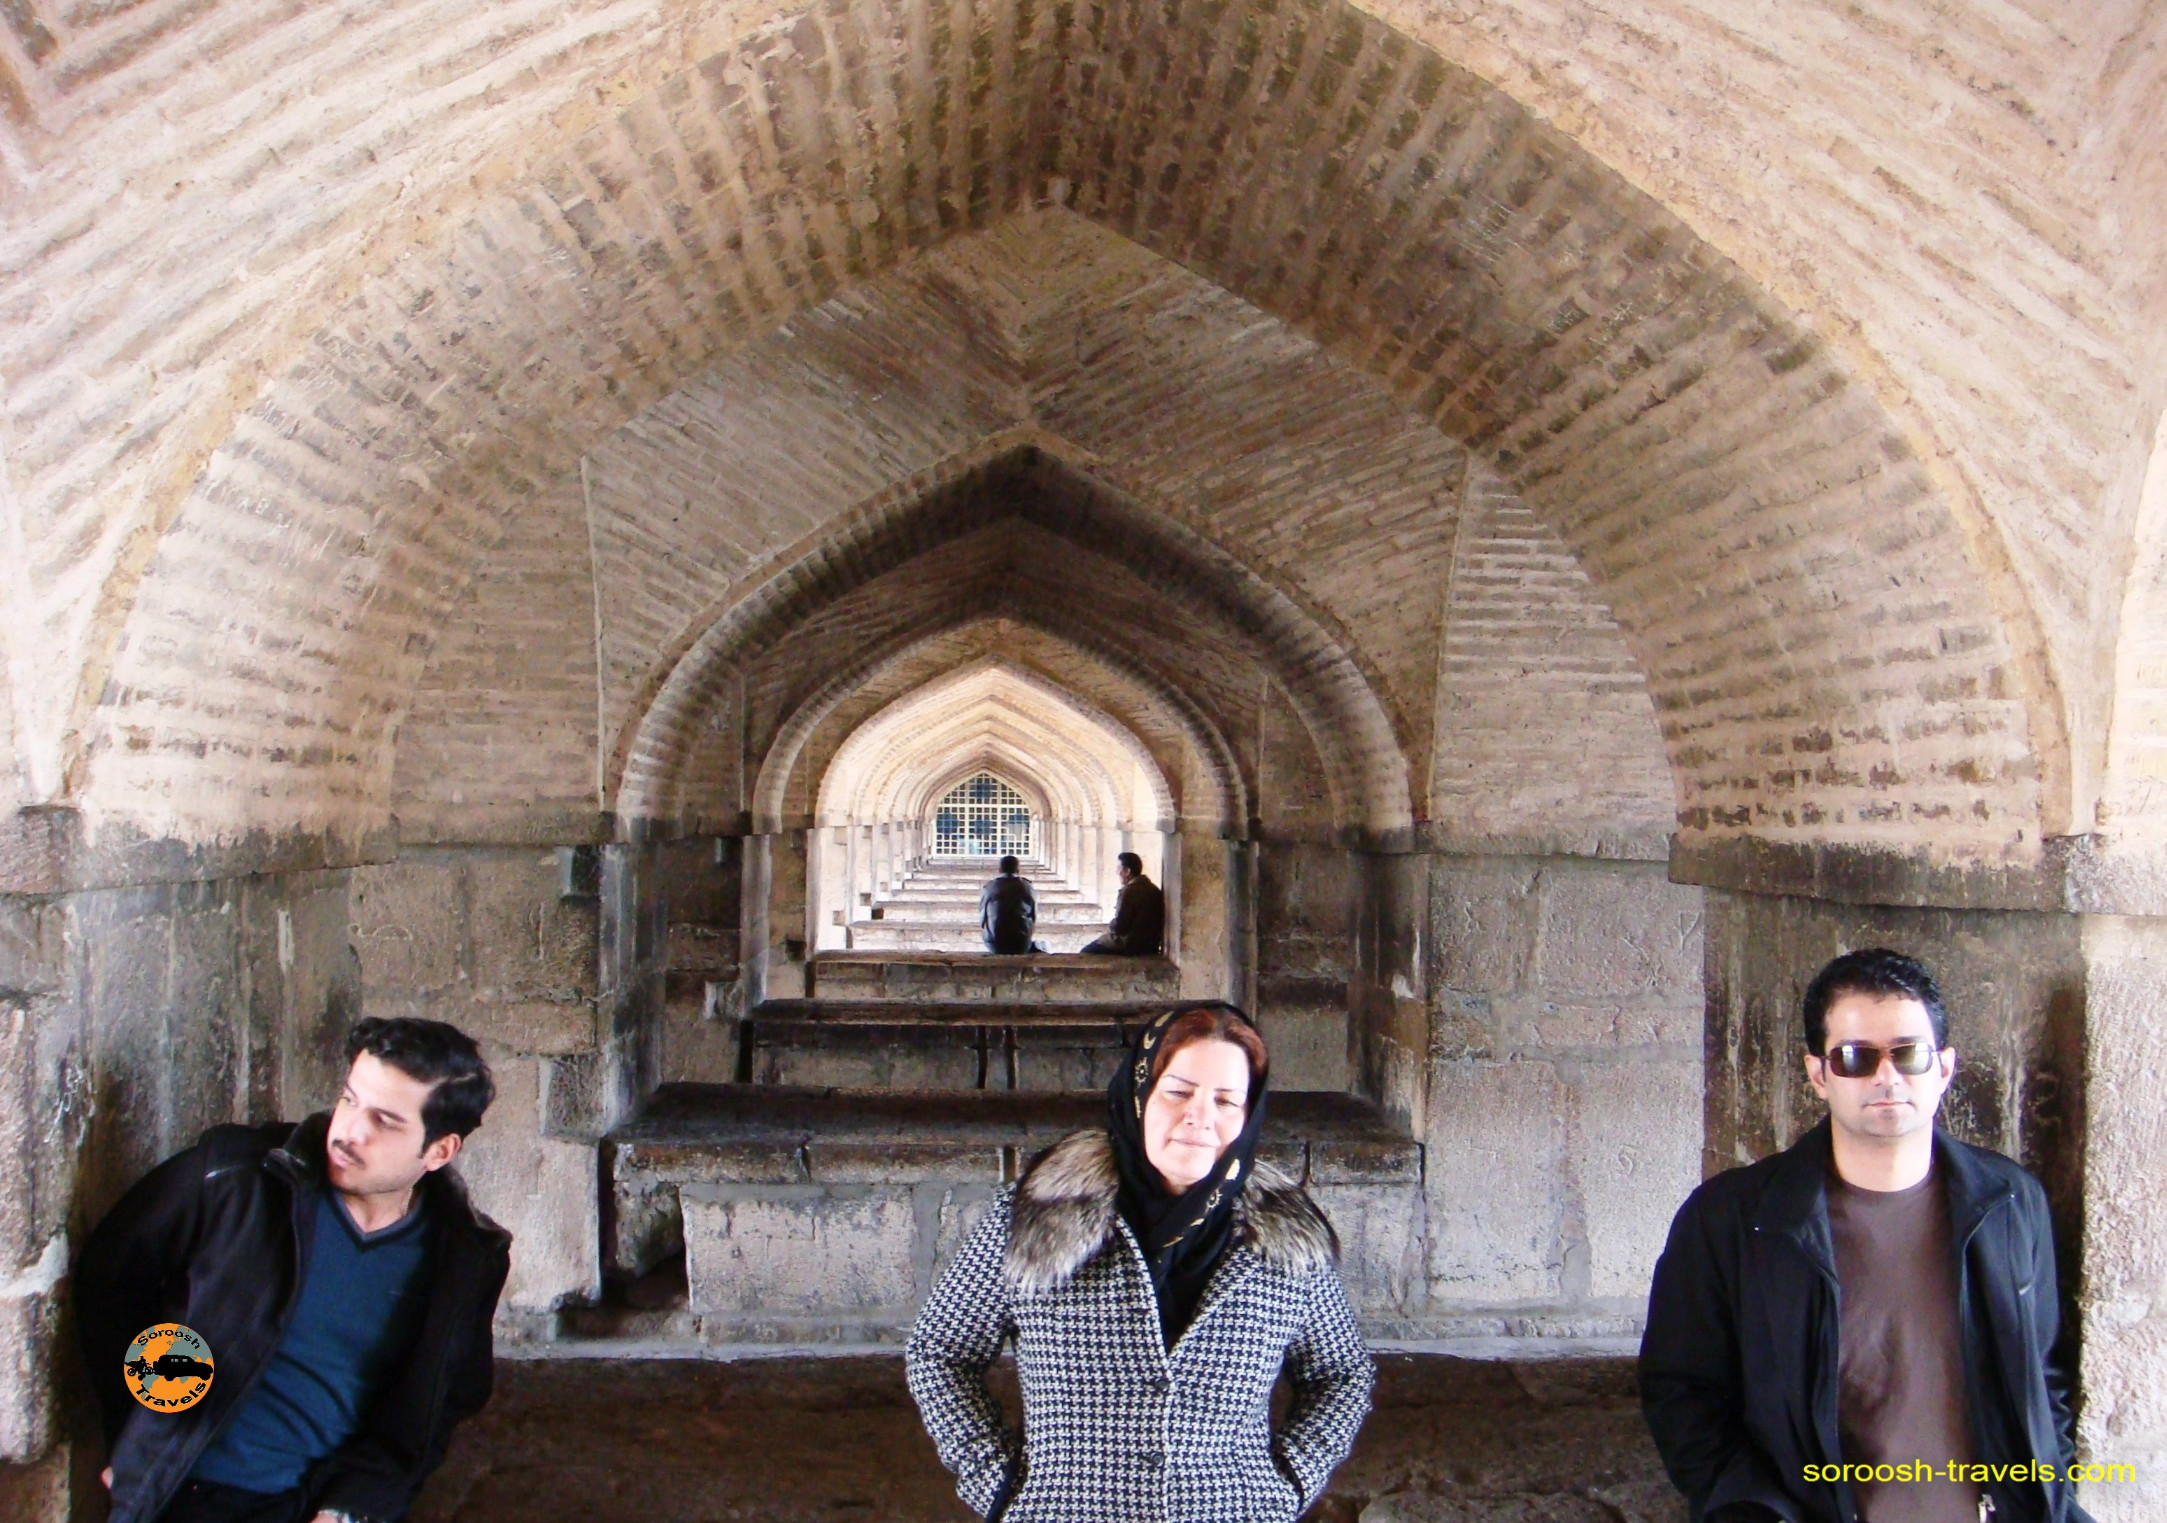 esfahan-koohrang-googad-maranjaab-tehran-winter-1388-5